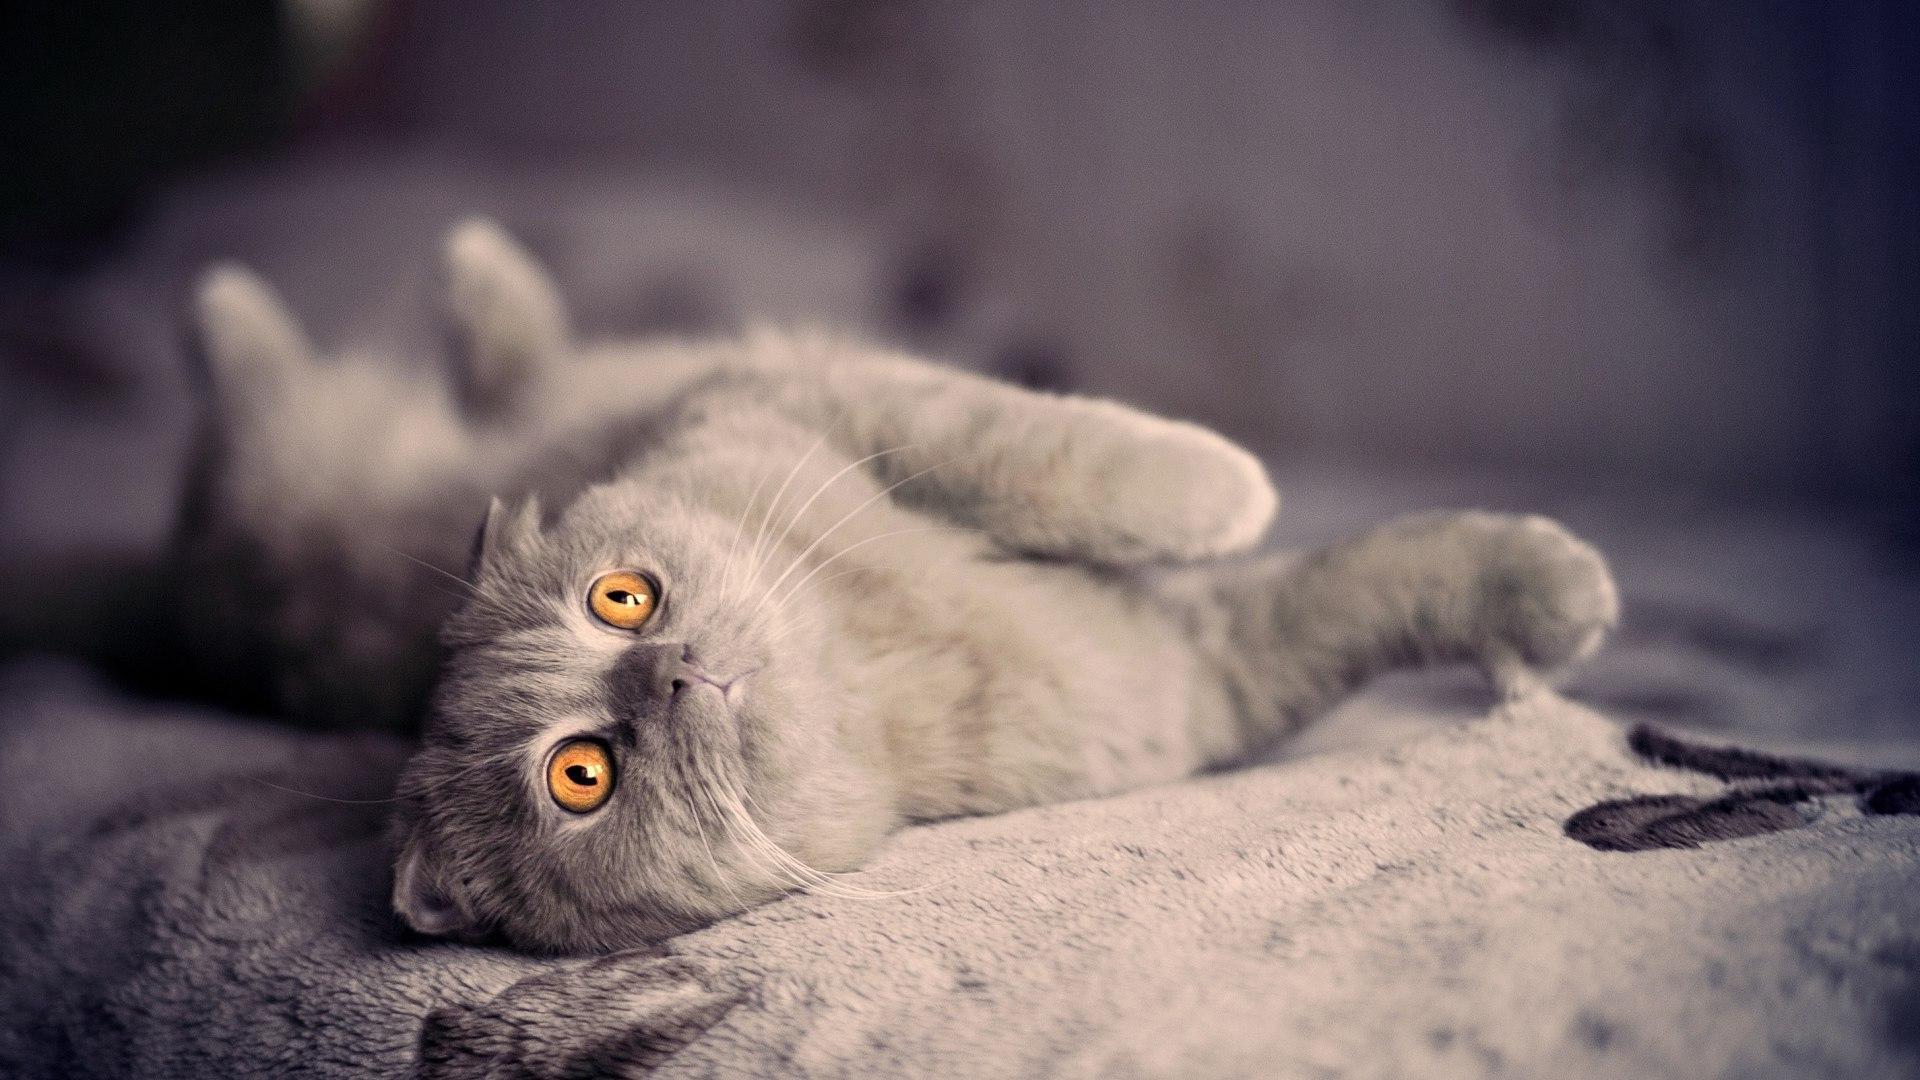 Mon chat fait ses griffes sur la tapisserie : que faire ?